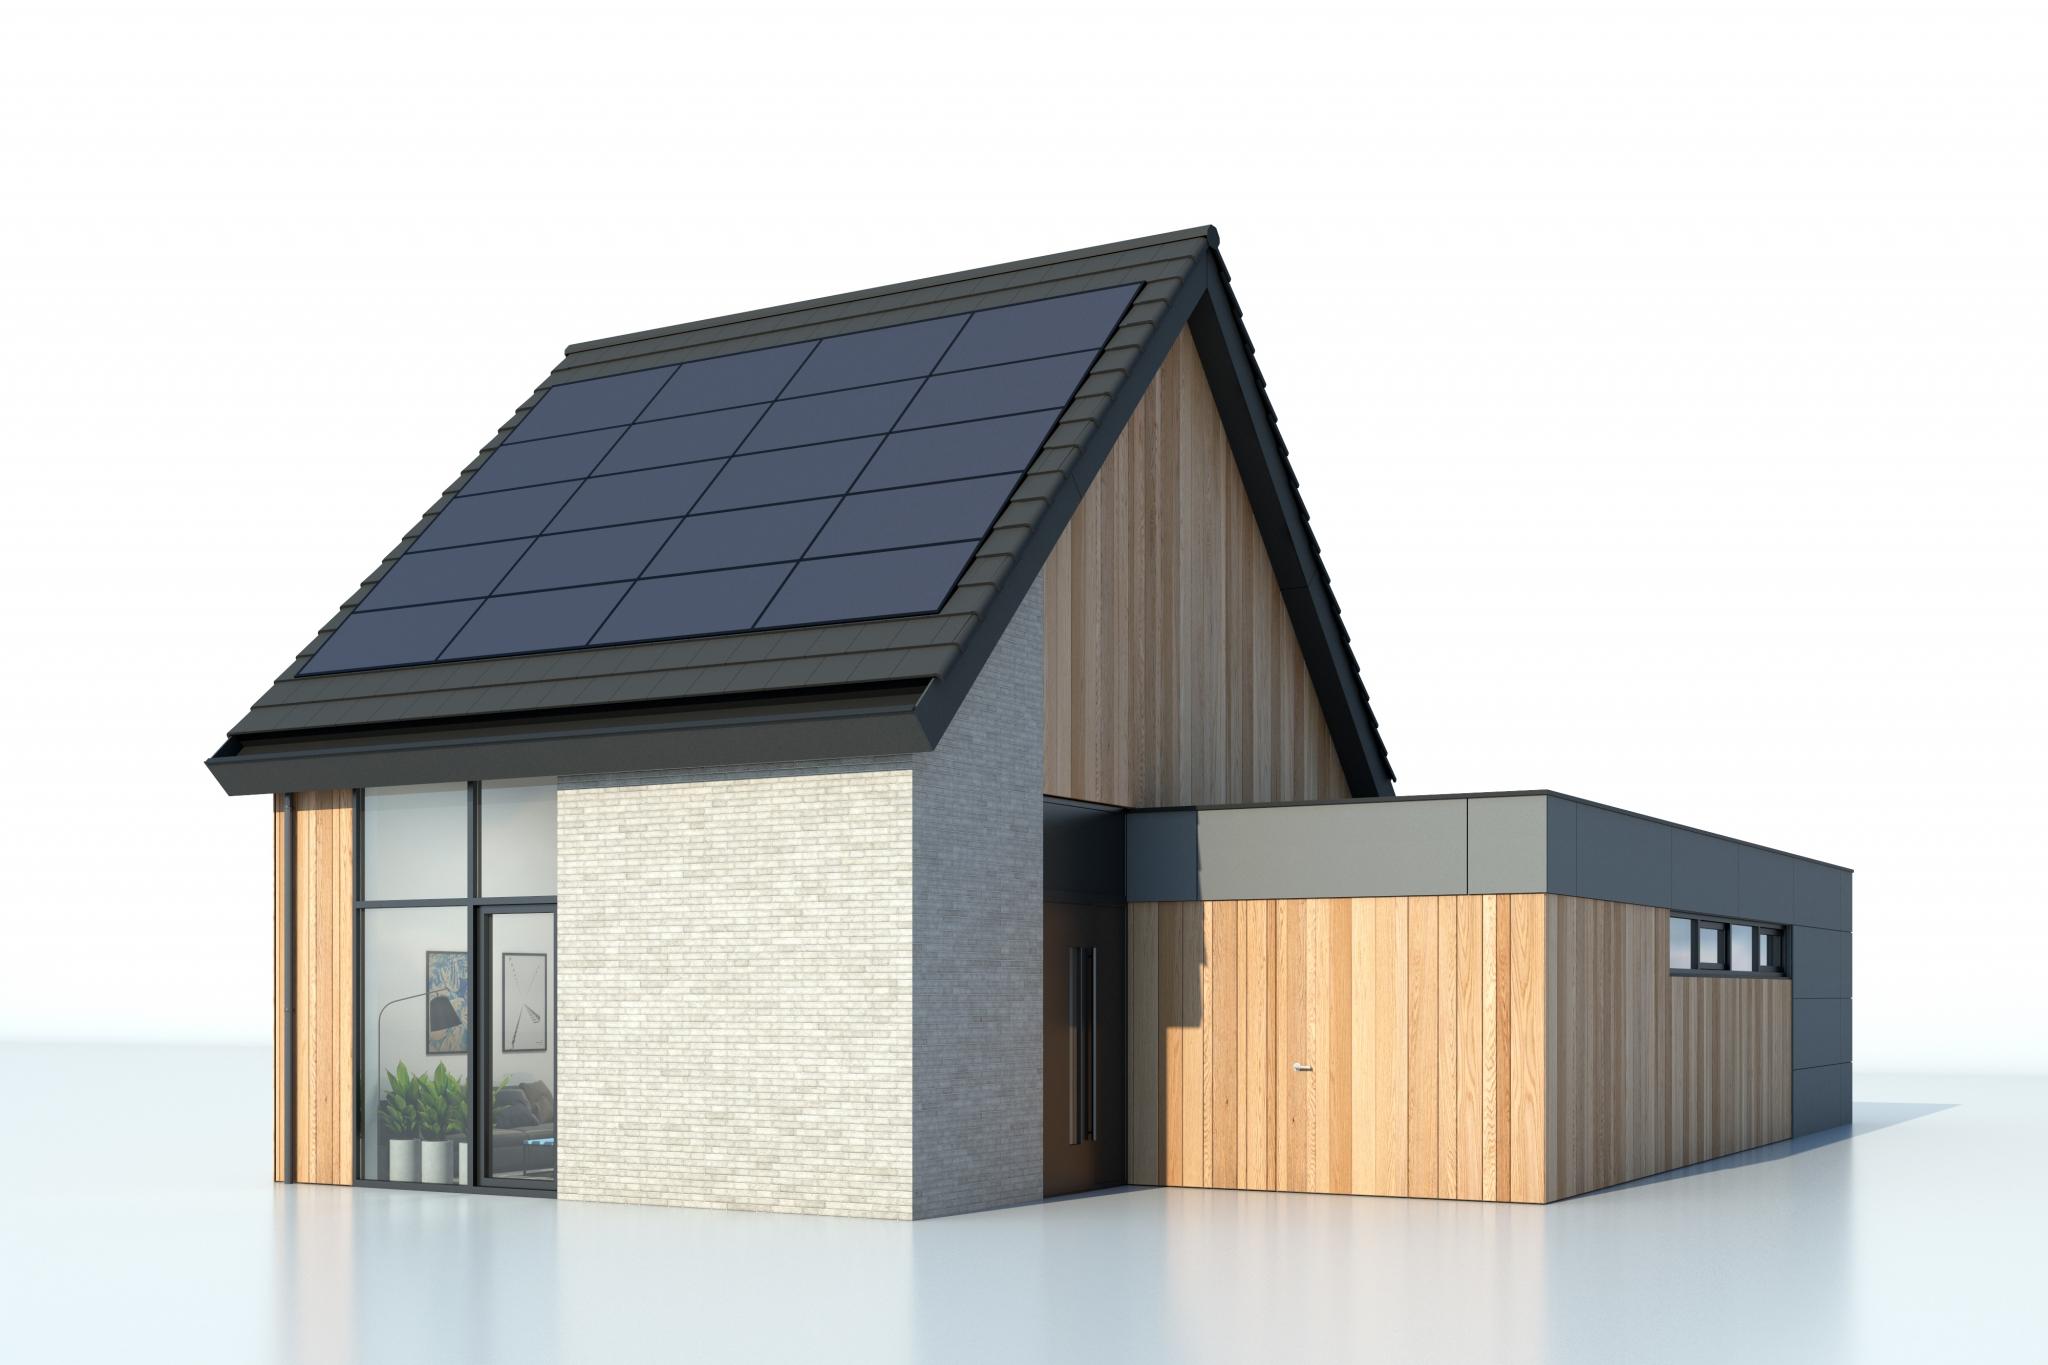 Bungalette nieuwbouw bungalow, type met zadeldak (langskap). Gezien vanaf ooghoogte.